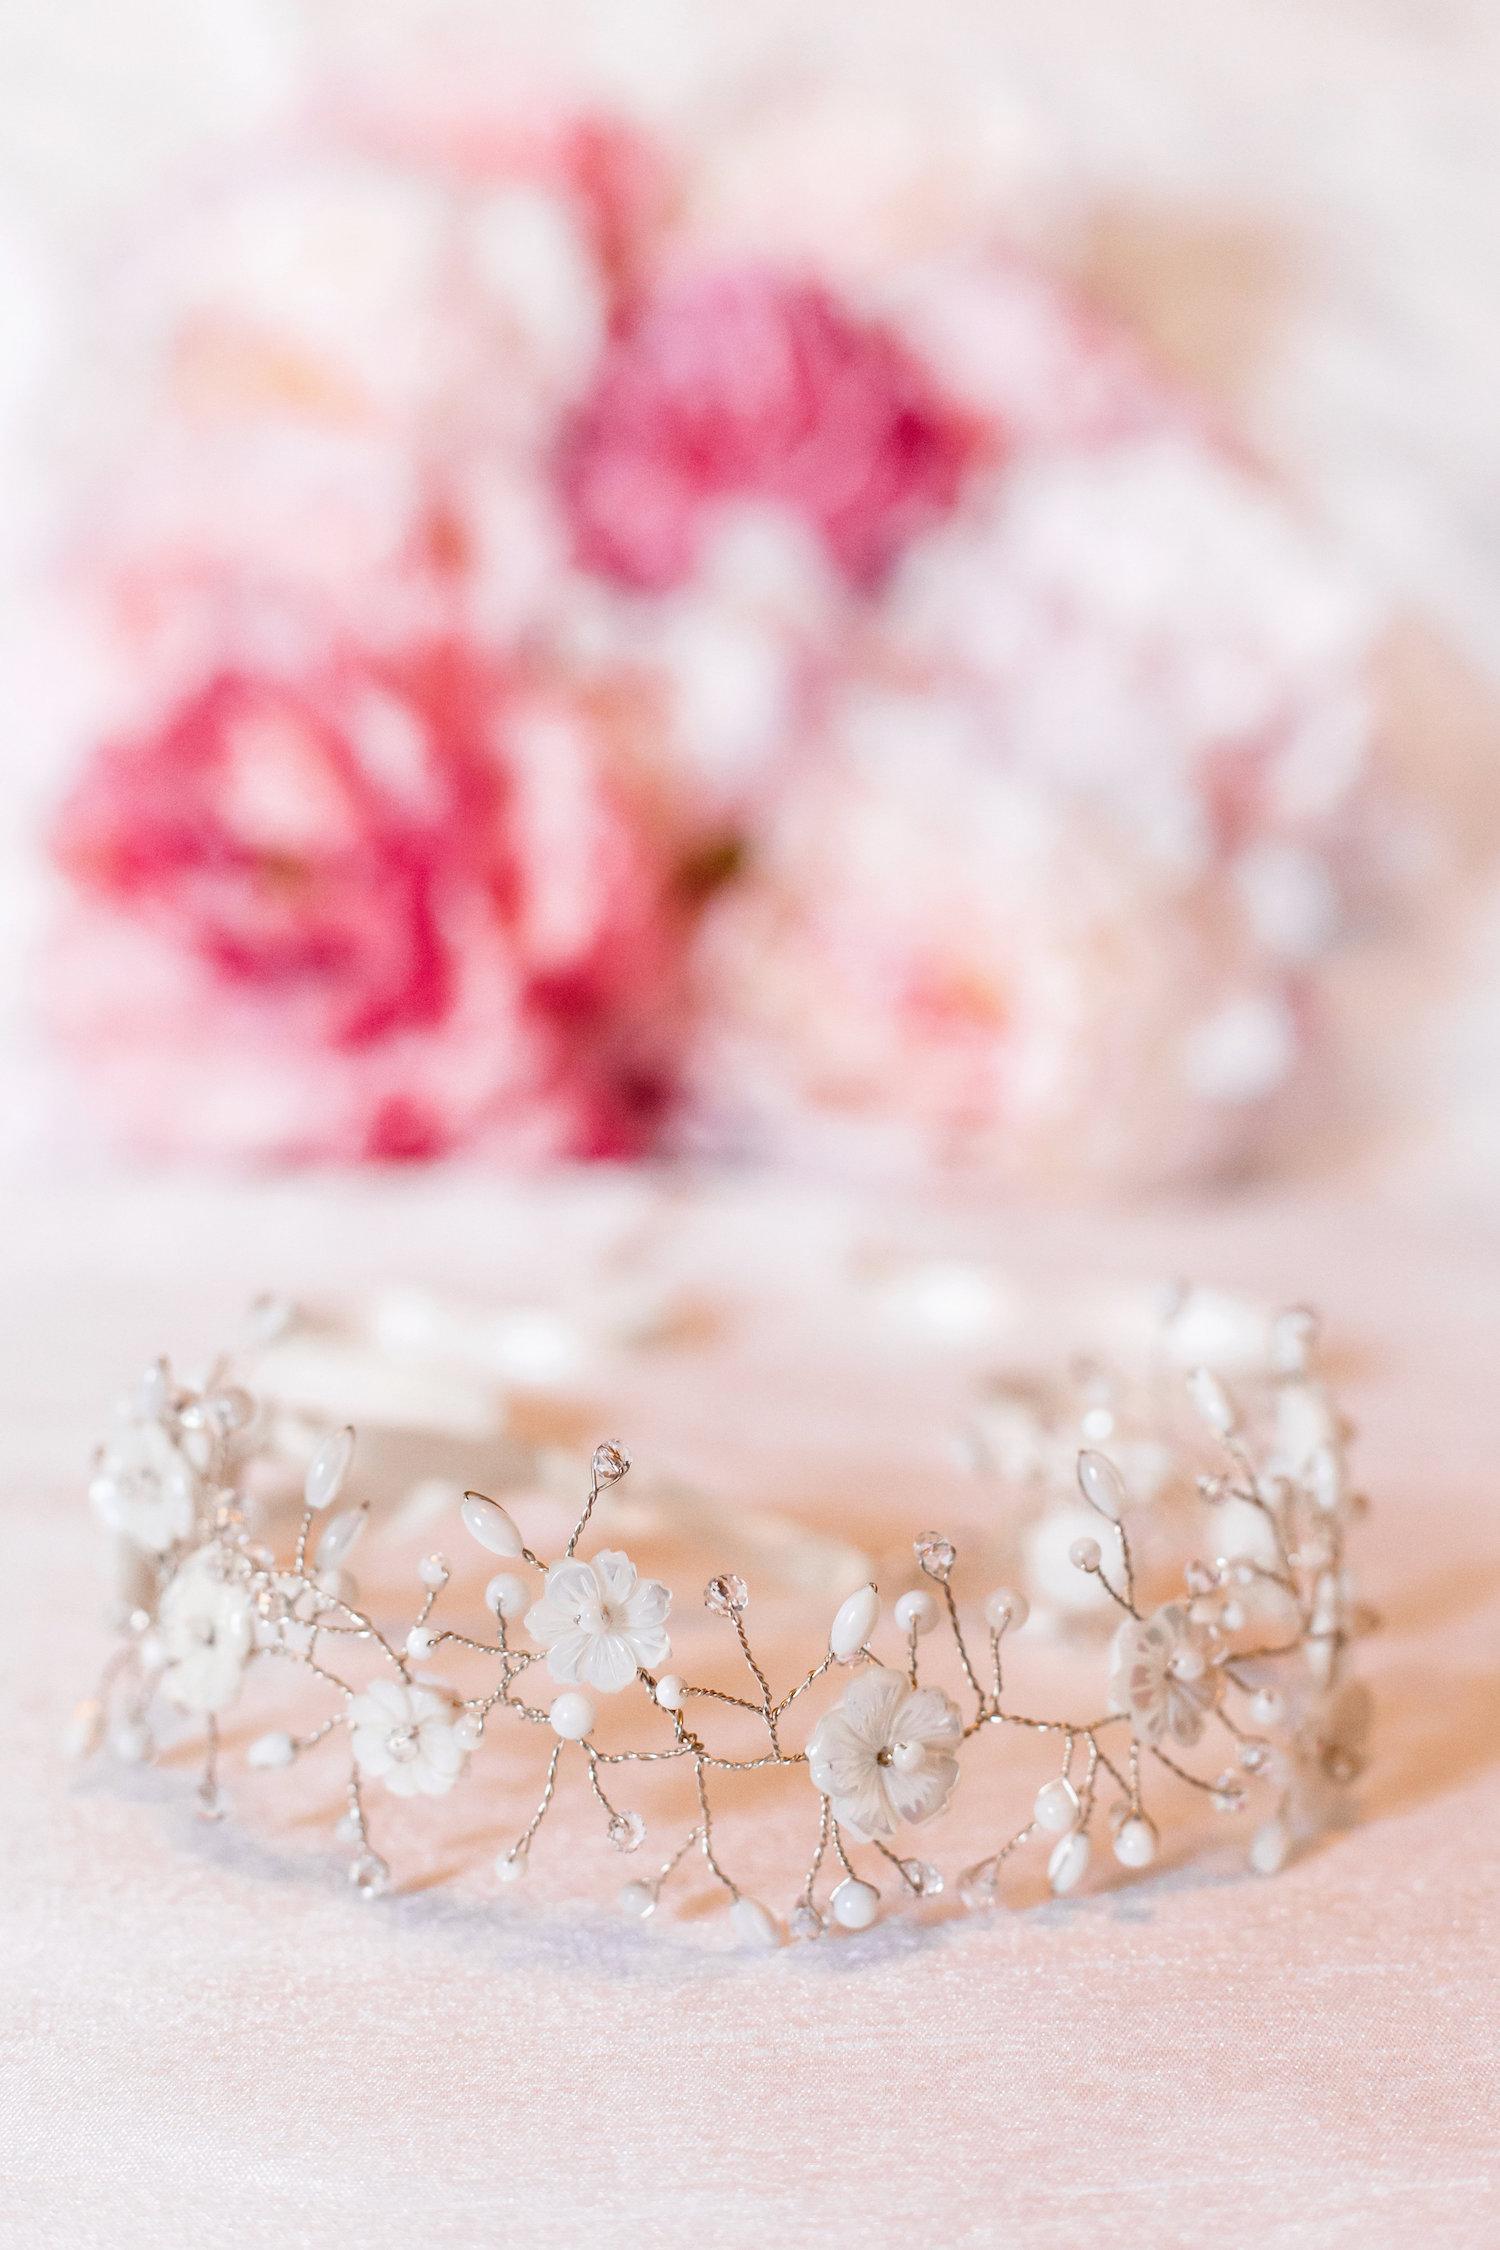 couture-bridal-accessories-090316-Fancy-Bowtique-7.jpg